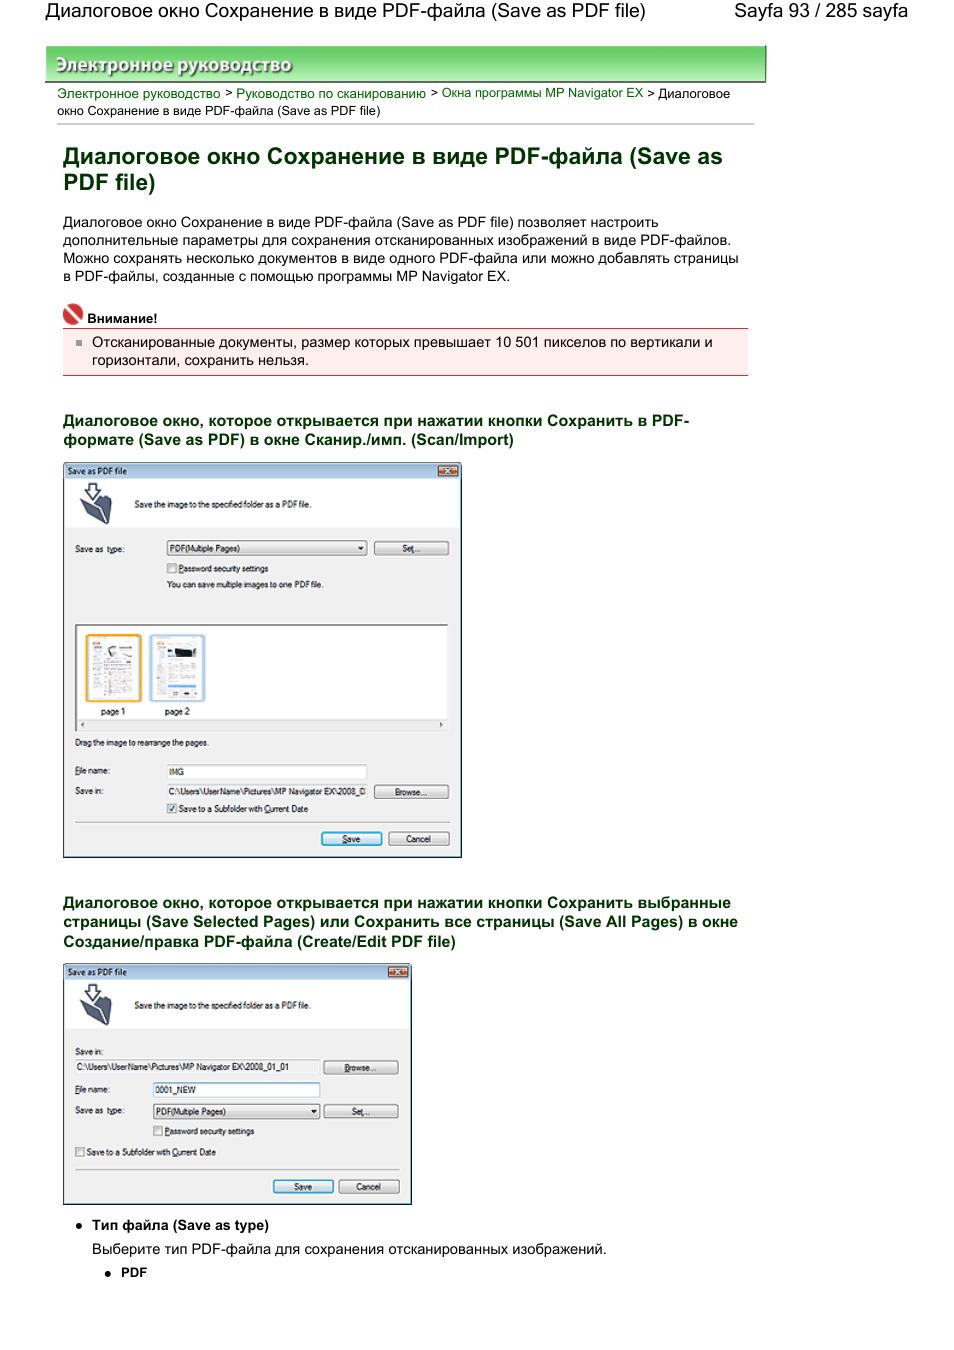 Как сделать несколько страниц в одном pdf-документе Вязание спицами: схемы, уроки, описания, мастер